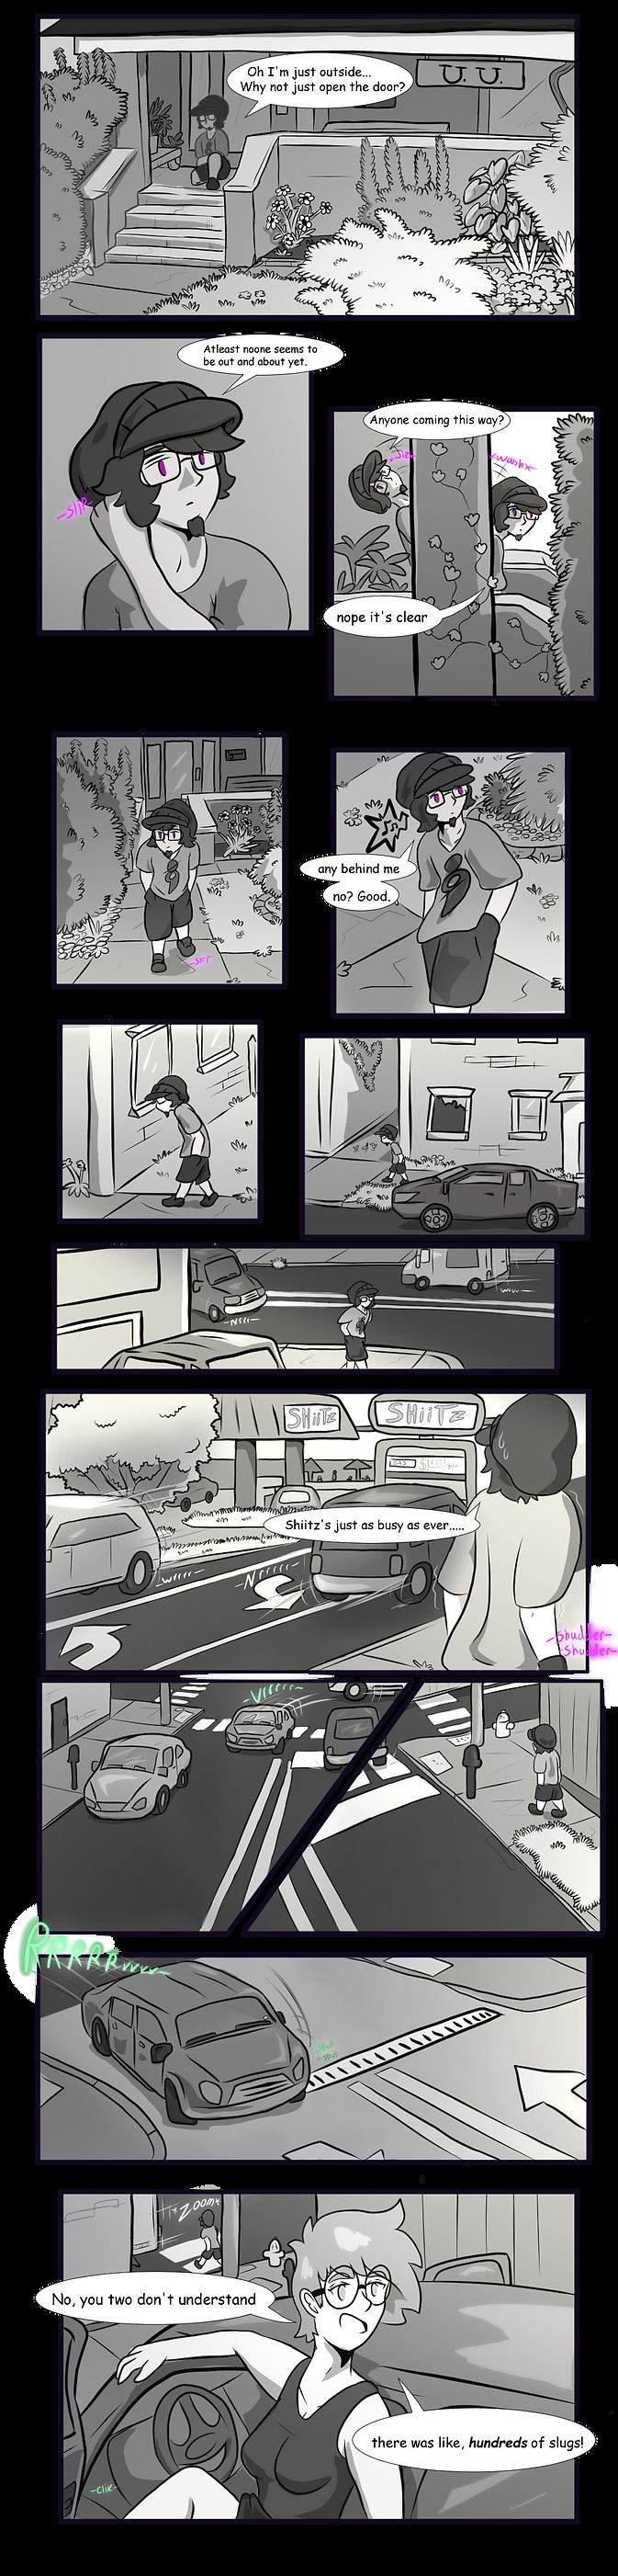 scene 5 clip 1.png